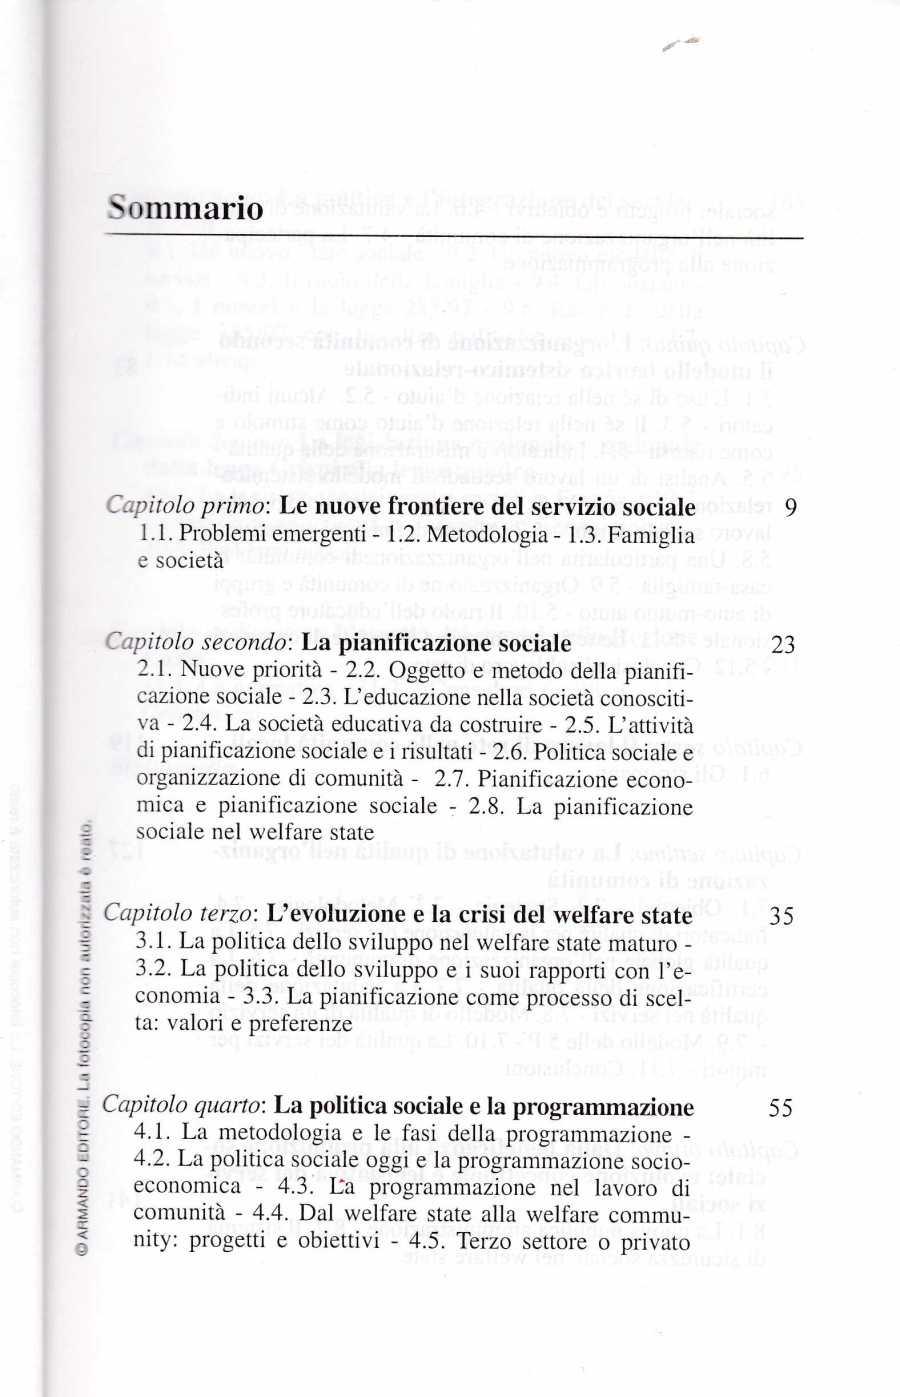 falbo2715